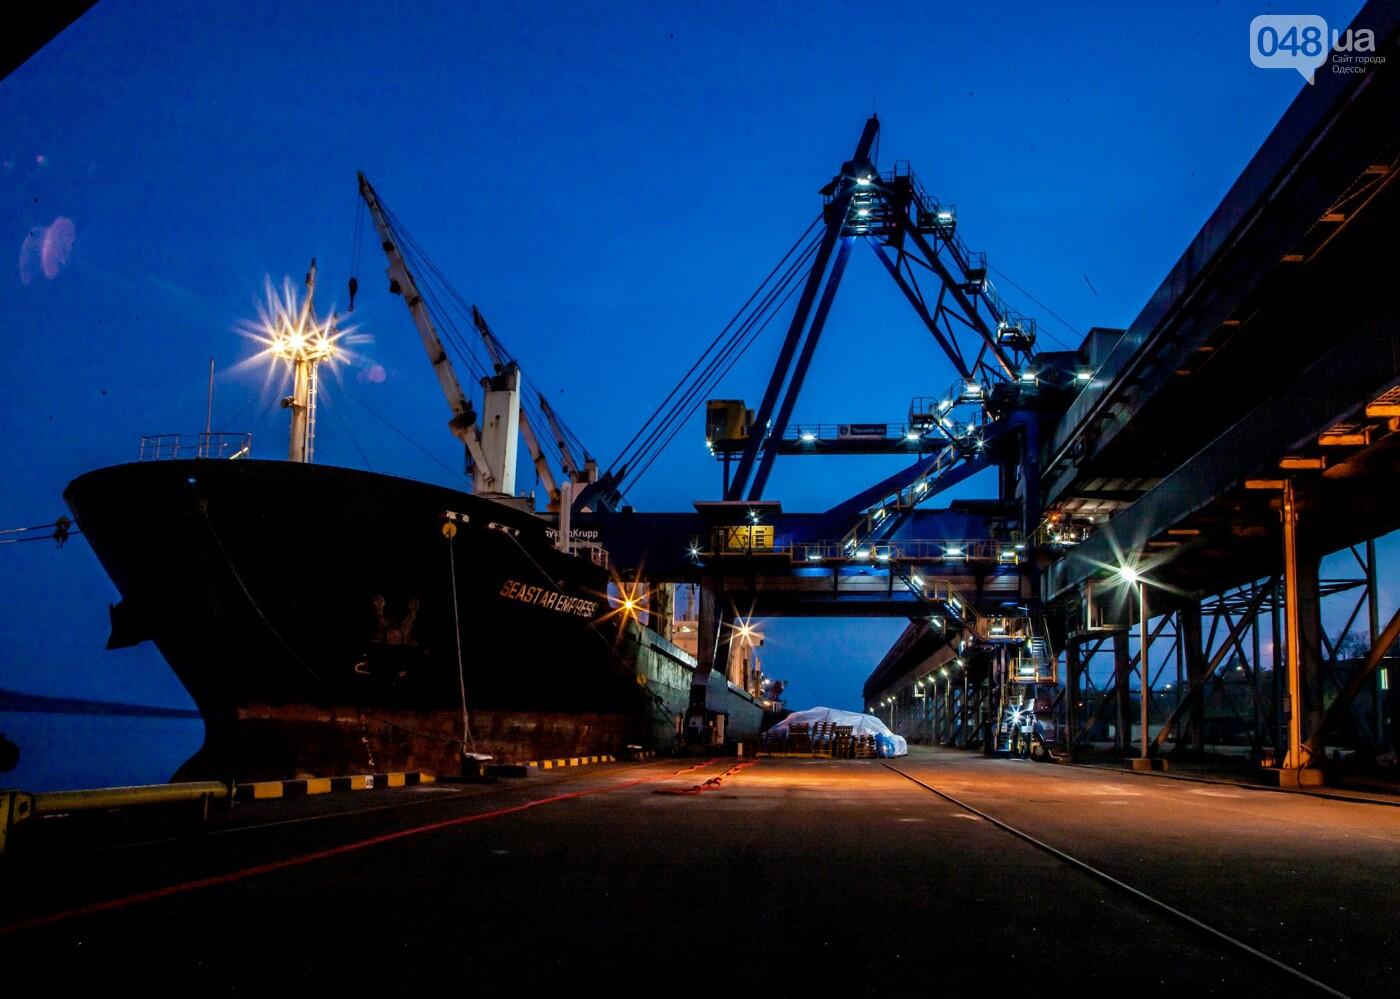 Одесский припортовый завод: как приватизируют химического гиганта, фото-1